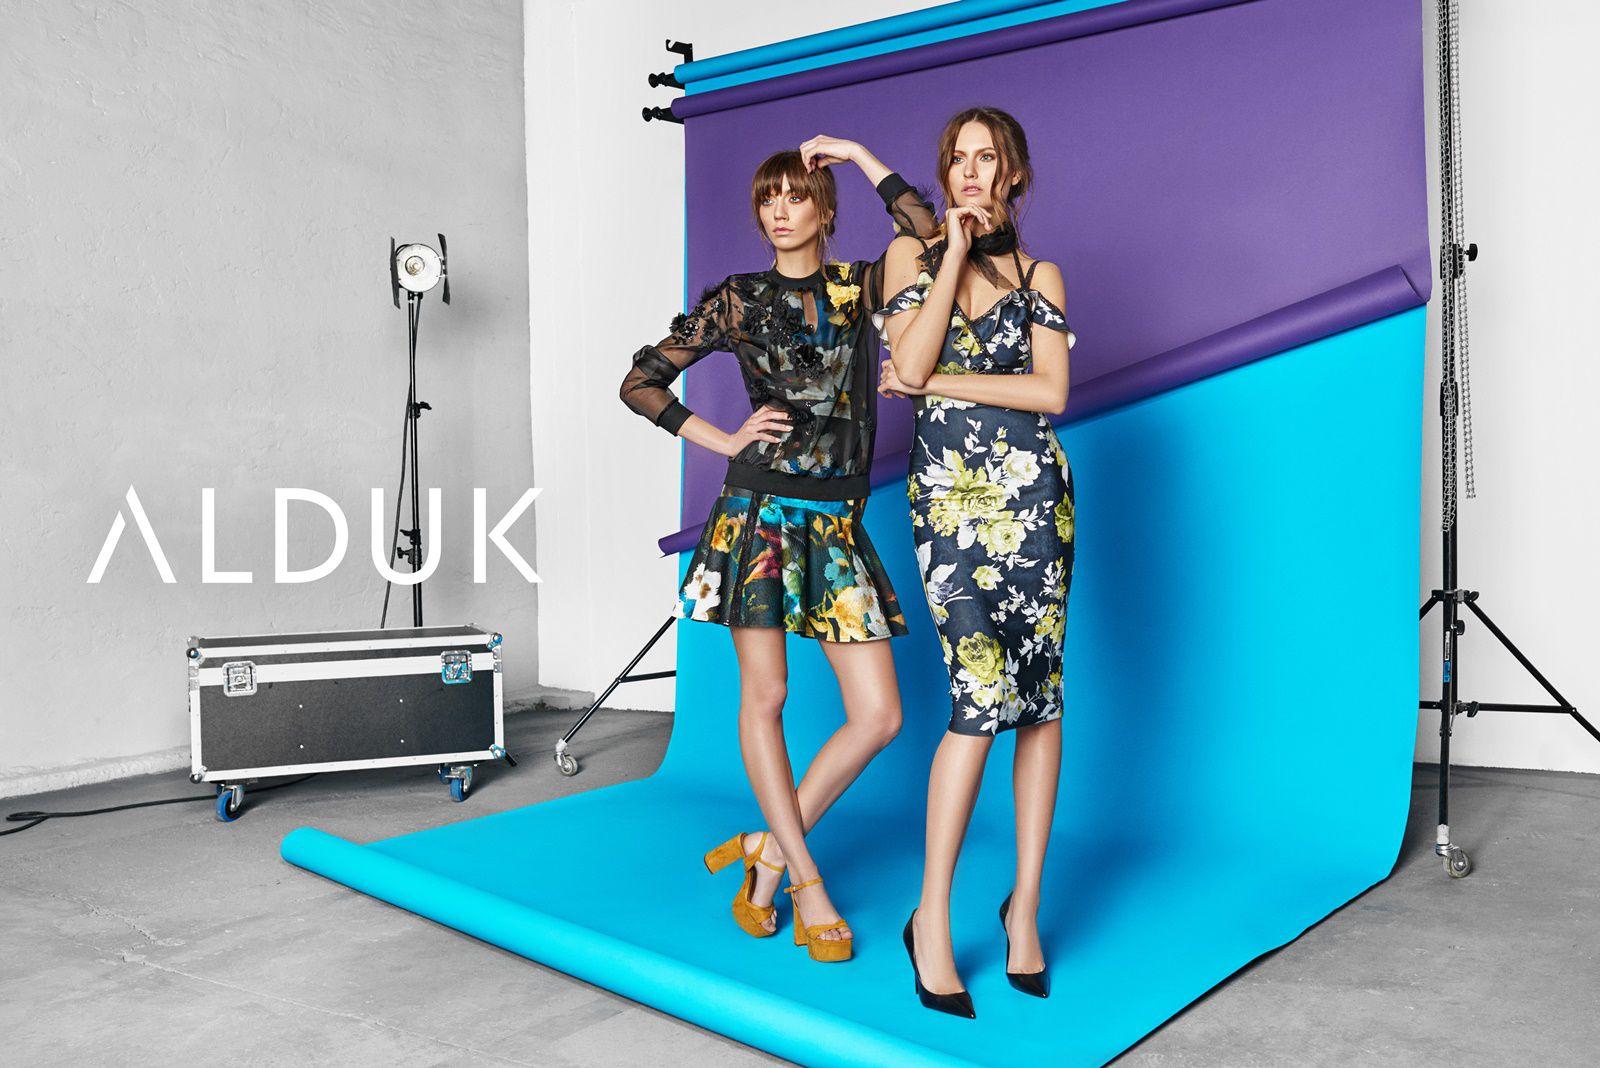 Aldukova kampanja za proljeće/ljeto 2016. naprosto će vas oduševiti